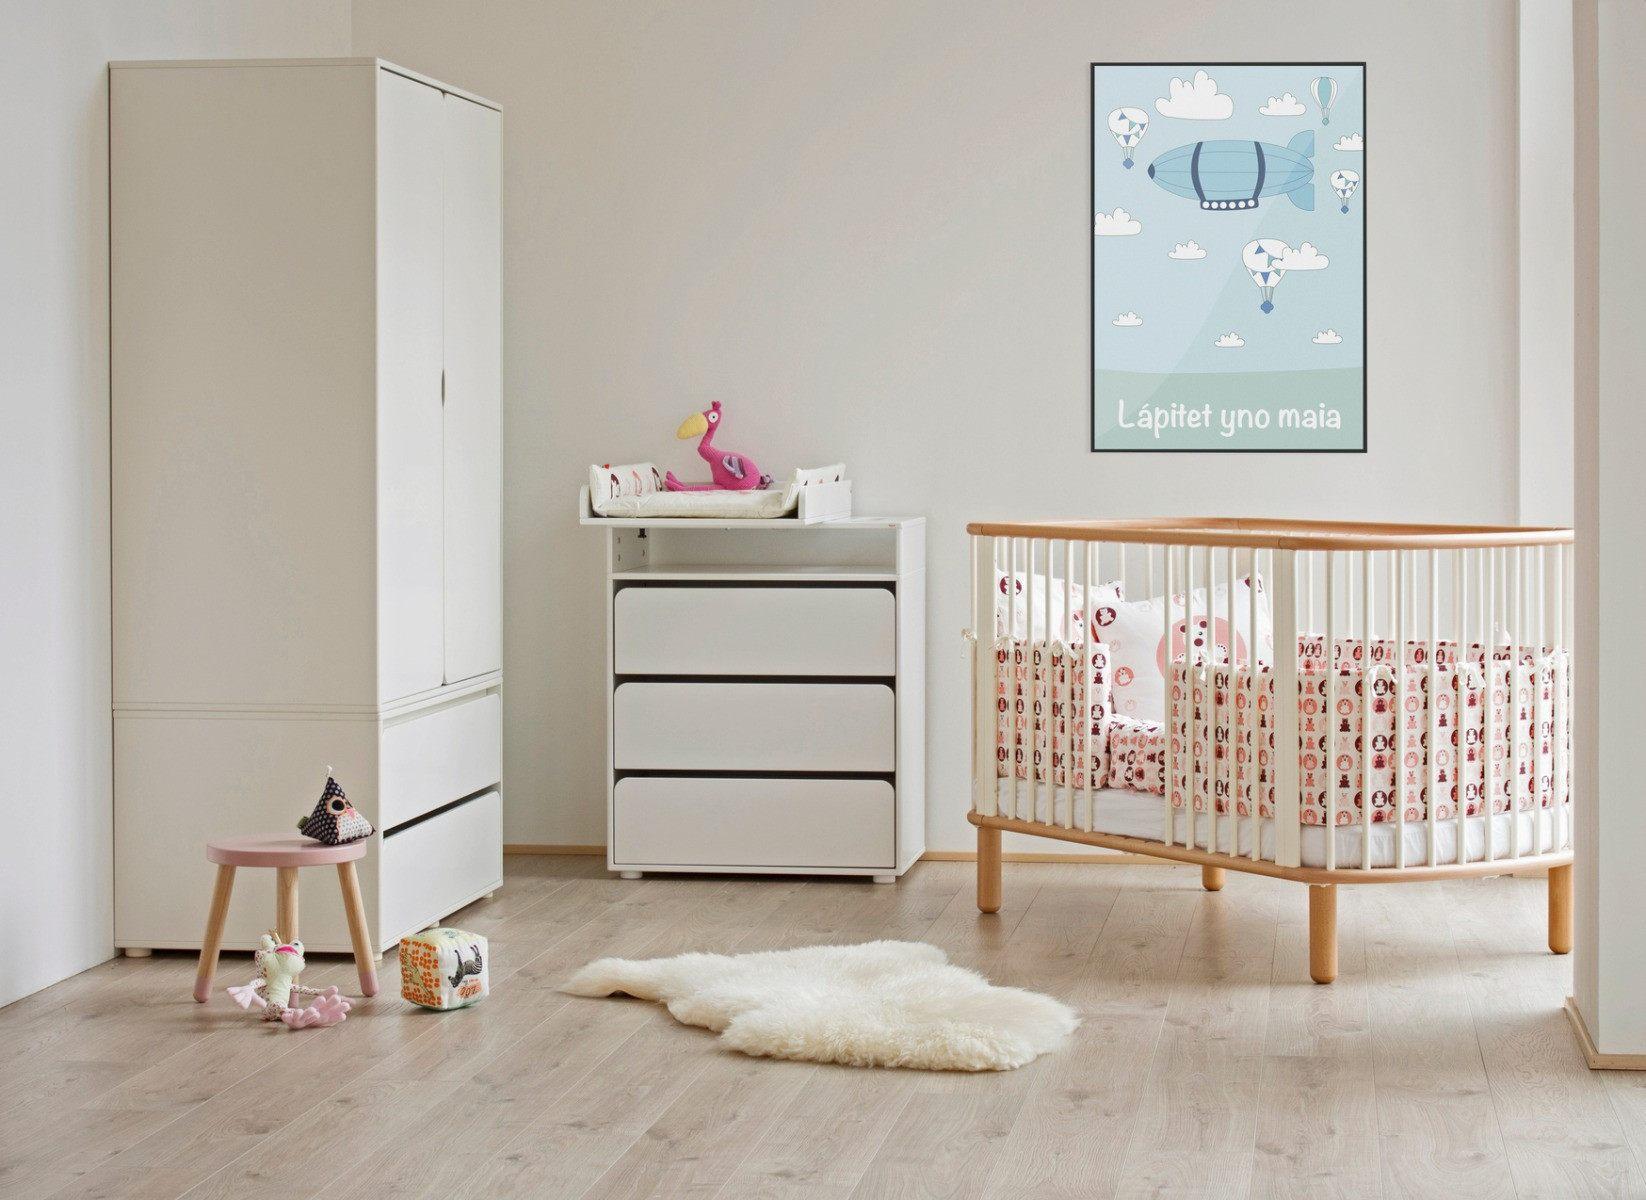 Chicco Lit Bebe Douce Tour De Lit Pour Bébé Lesmeubles Tour De Lit Bébé — Lesmeubles